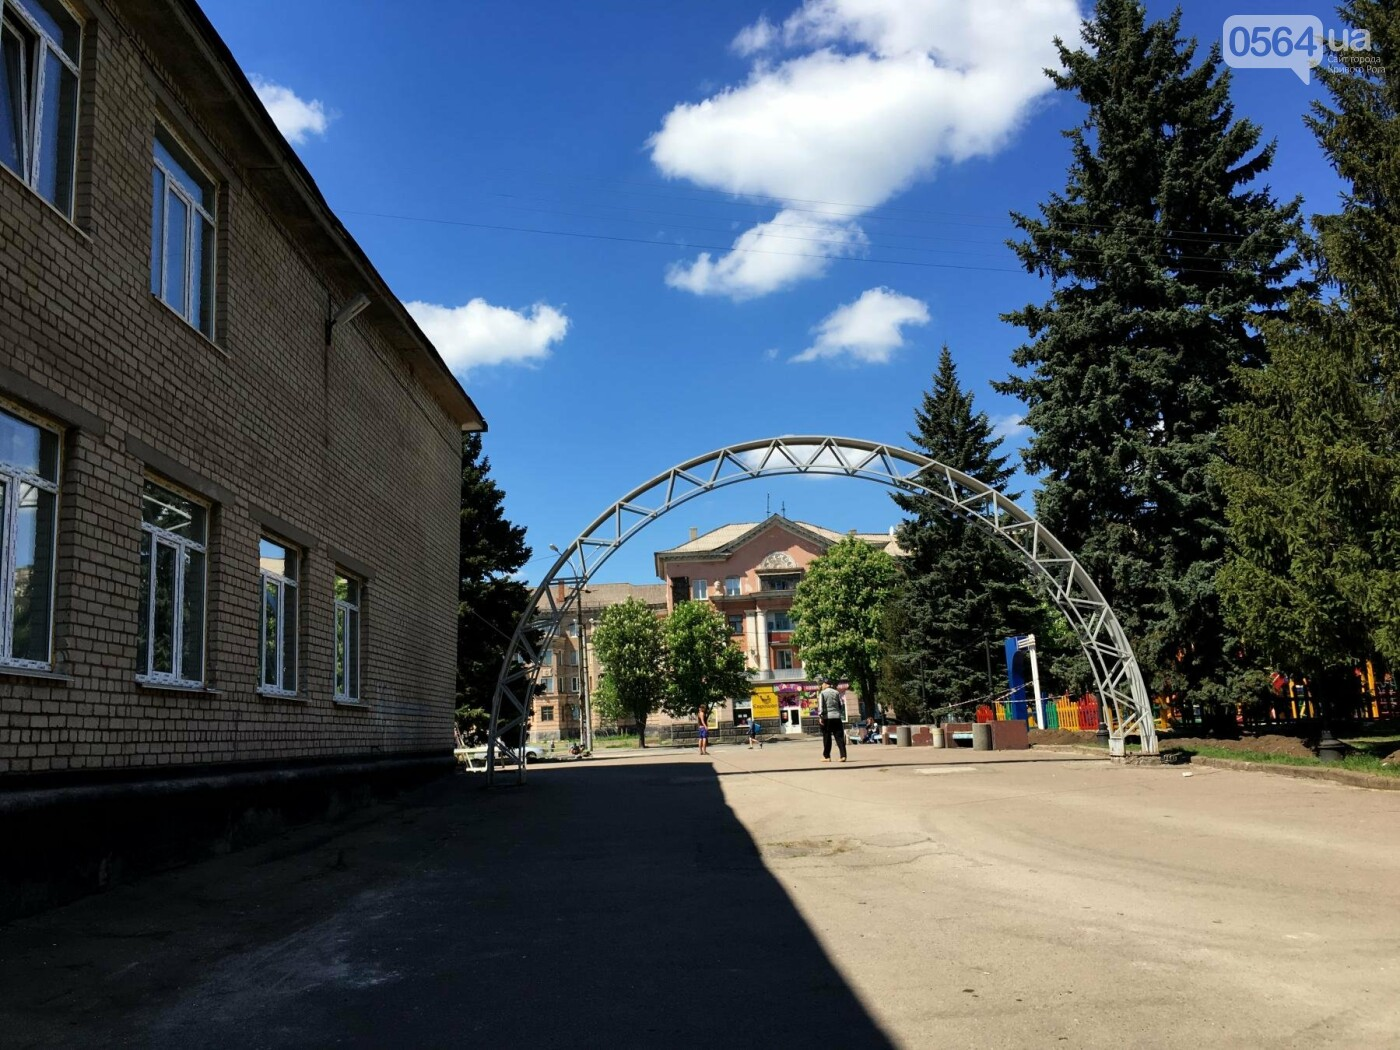 В Кривом Роге перед Дворцом культуры убрали остатки памятника Ленину (ФОТО), фото-15